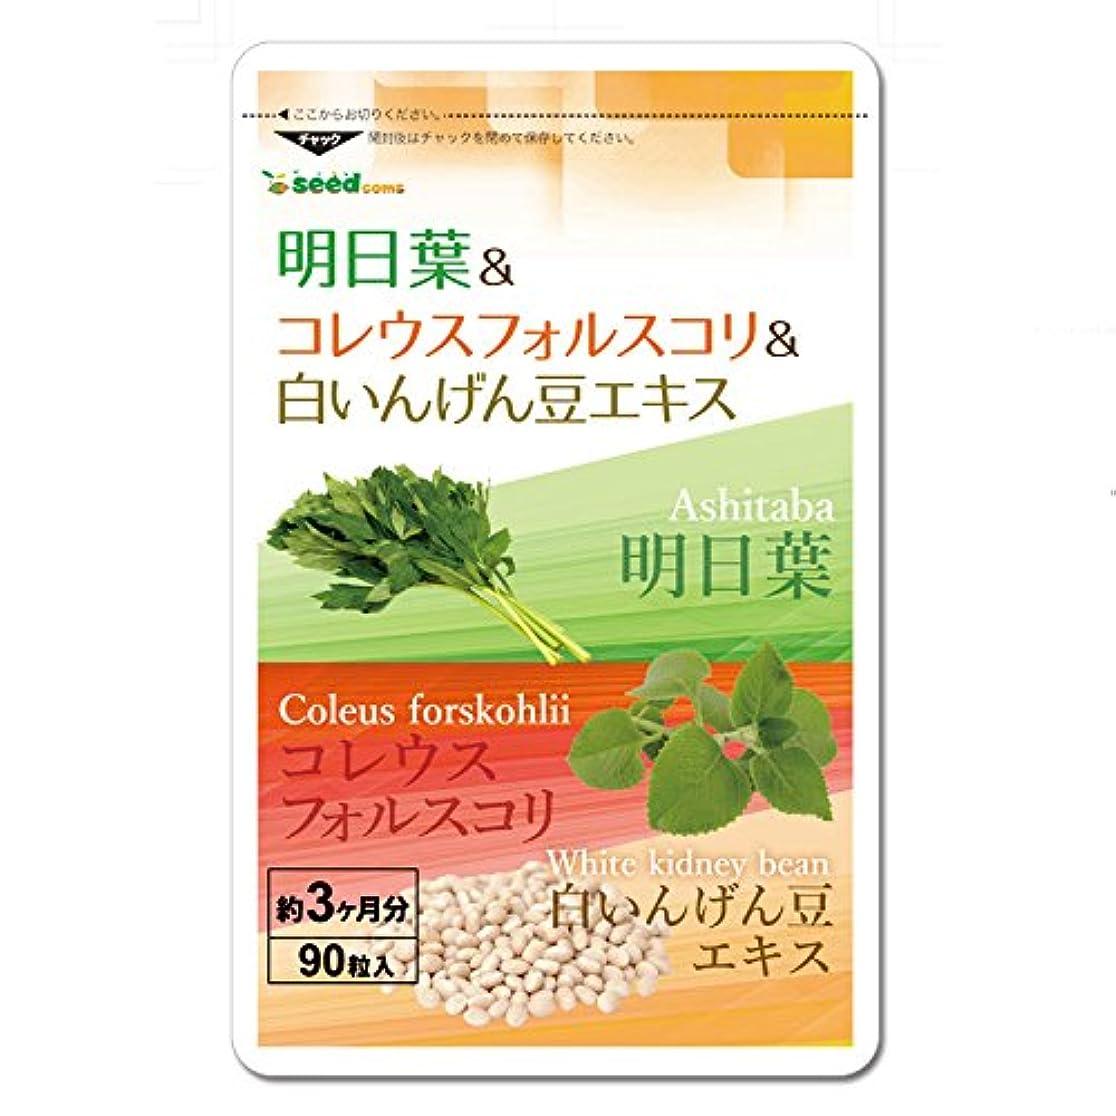 ワット薄いです希少性明日葉 & コレウスフォルスコリ & 白インゲン豆 エキス (約3ヶ月分/90粒) スッキリ&燃焼系&糖質バリアの3大ダイエット成分